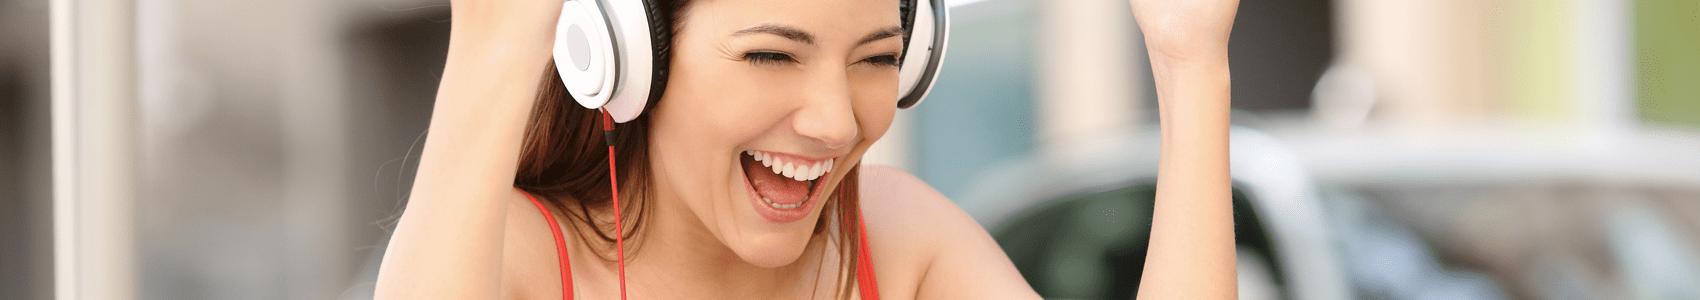 Apprendre l'anglais : Top 10 chansons 2019 en anglais